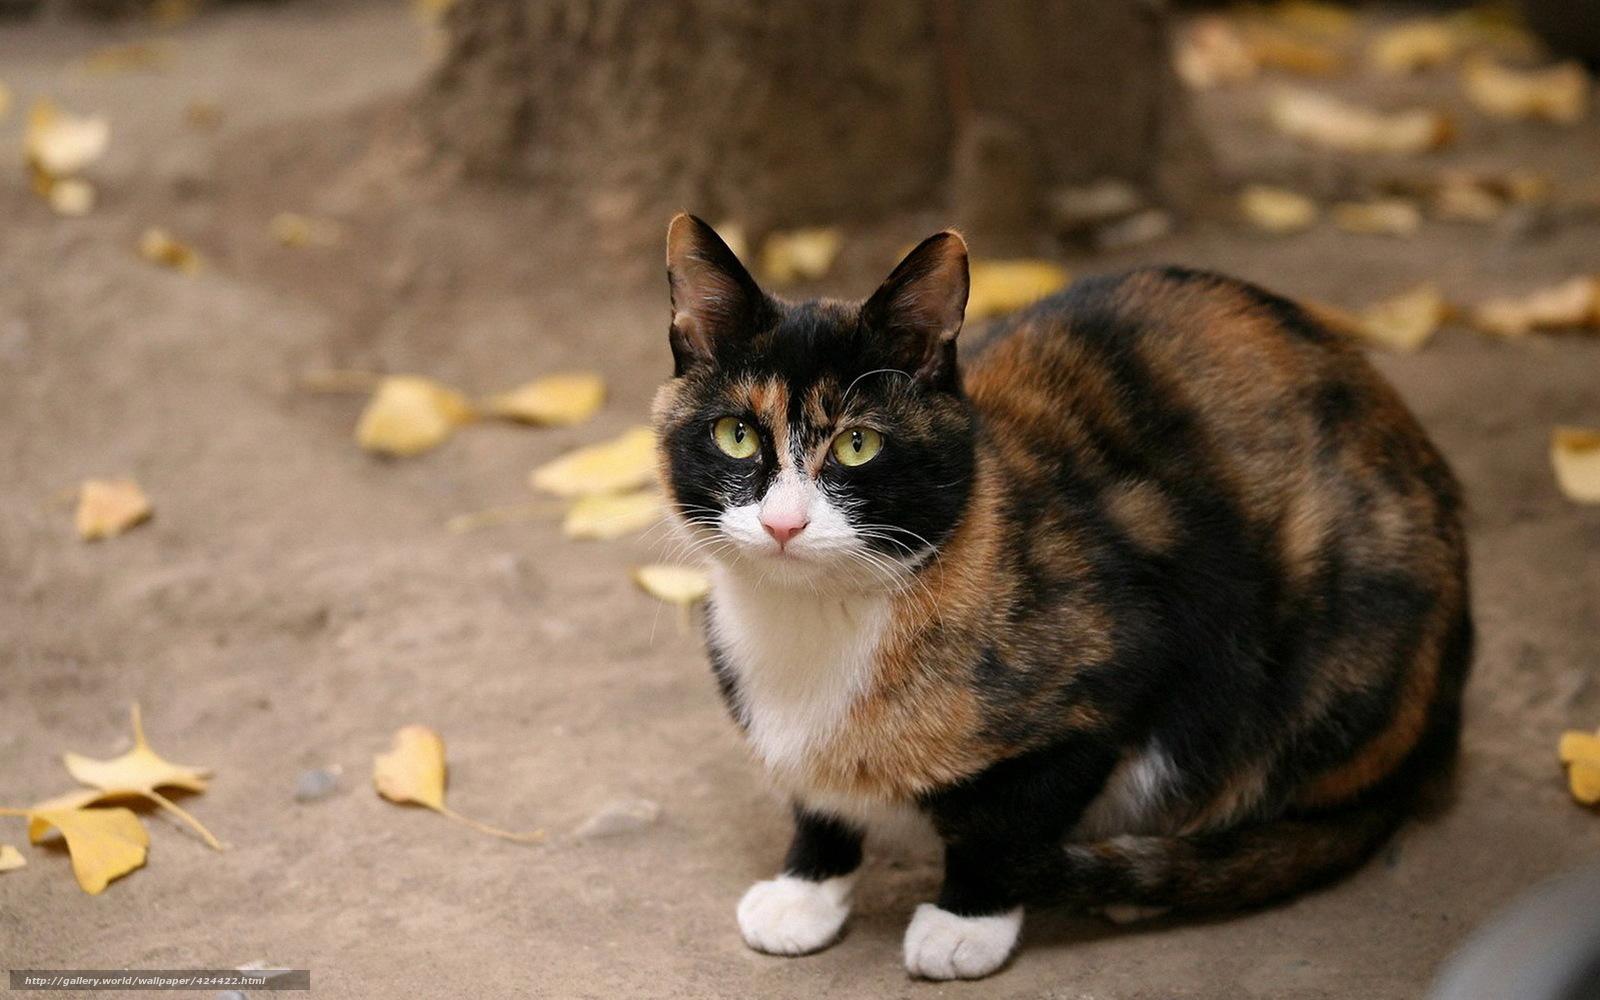 Scaricare Gli Sfondi Gatto Nero Rosso Seduta Sfondi Gratis Per La